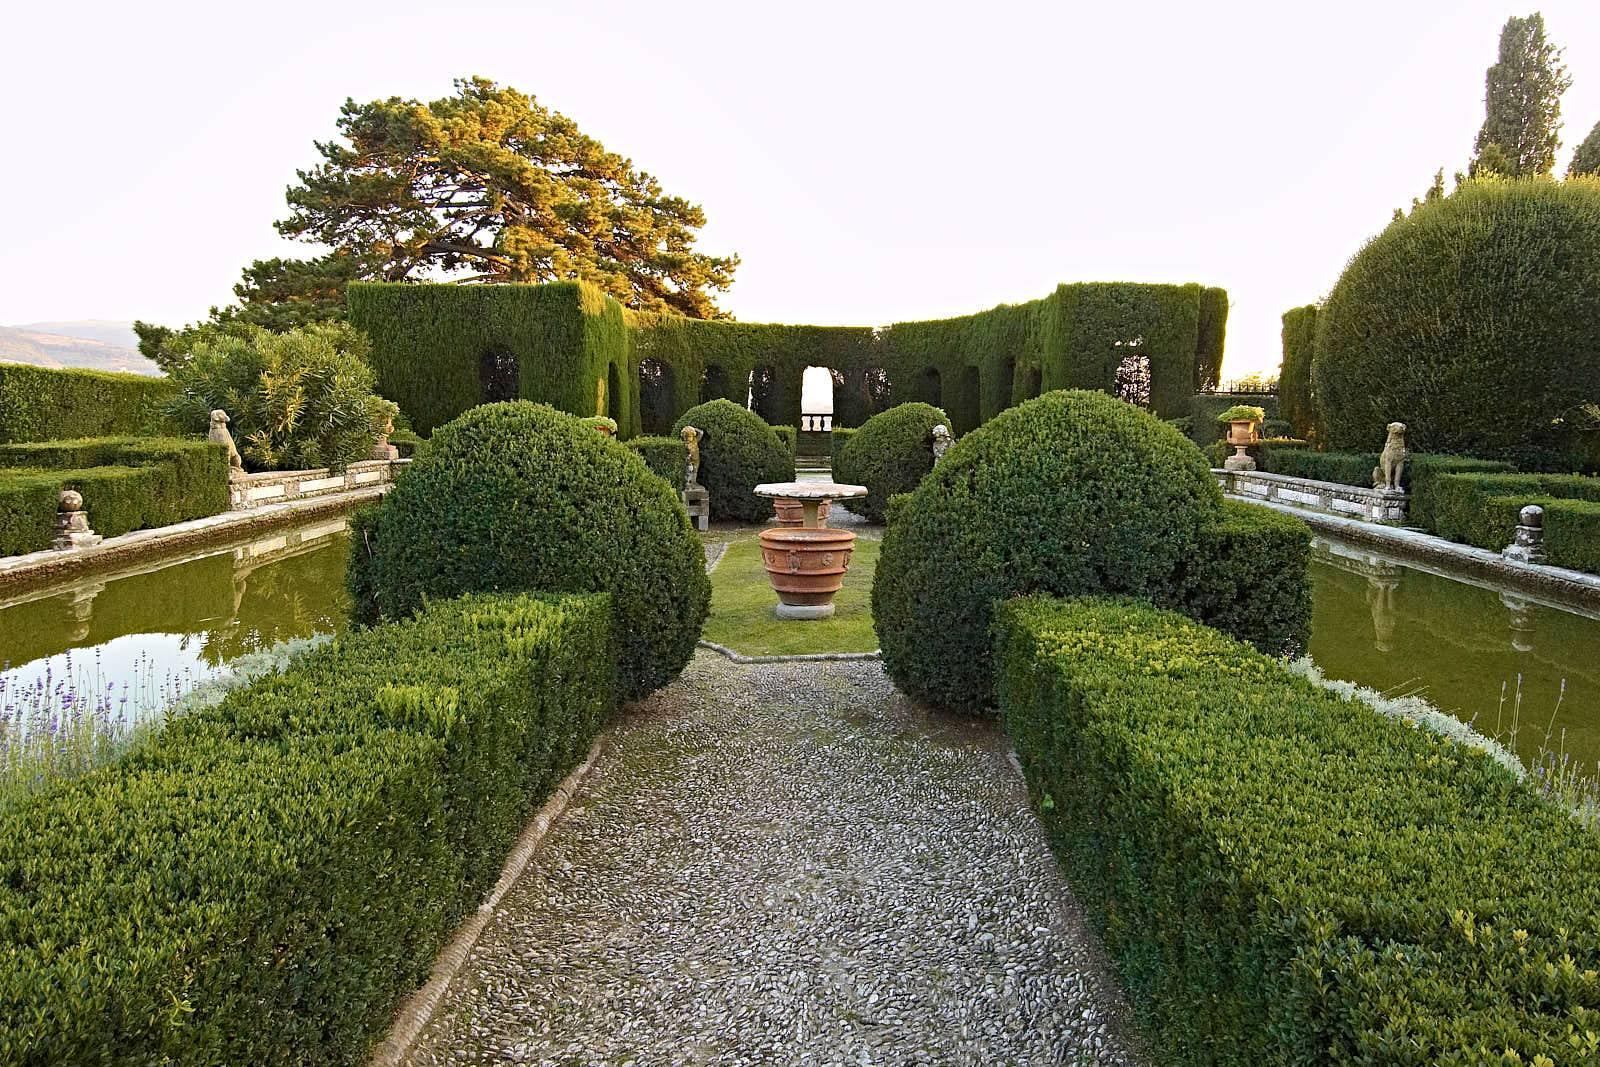 Genom Villa Gamberaias vattenparterr fortsätter siktlinjen mot den djupskapande, halvcirkelformade Teatro di Verzura.